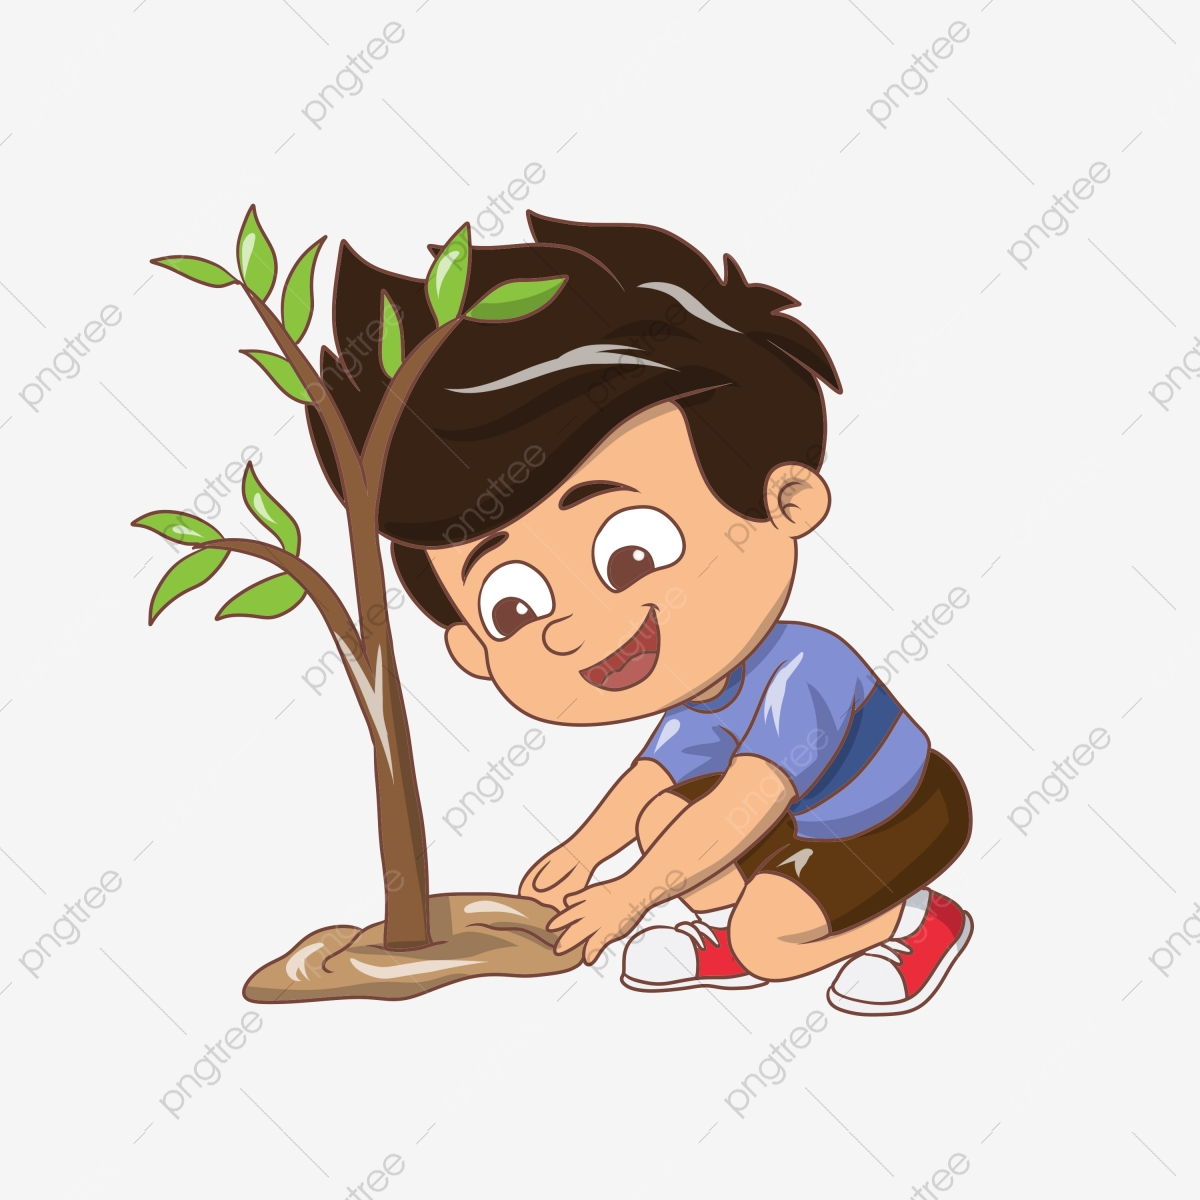 Arbor شخصية اليوم تصوير الولد الصغير شجرة الزراعة الأصفر أرض الإجازات الخضراء زخرفة النبات رسم كاريكتوري طفل صغير يزرع الأشجار الشجرة يوم Png وملف Psd للتحميل مجانا